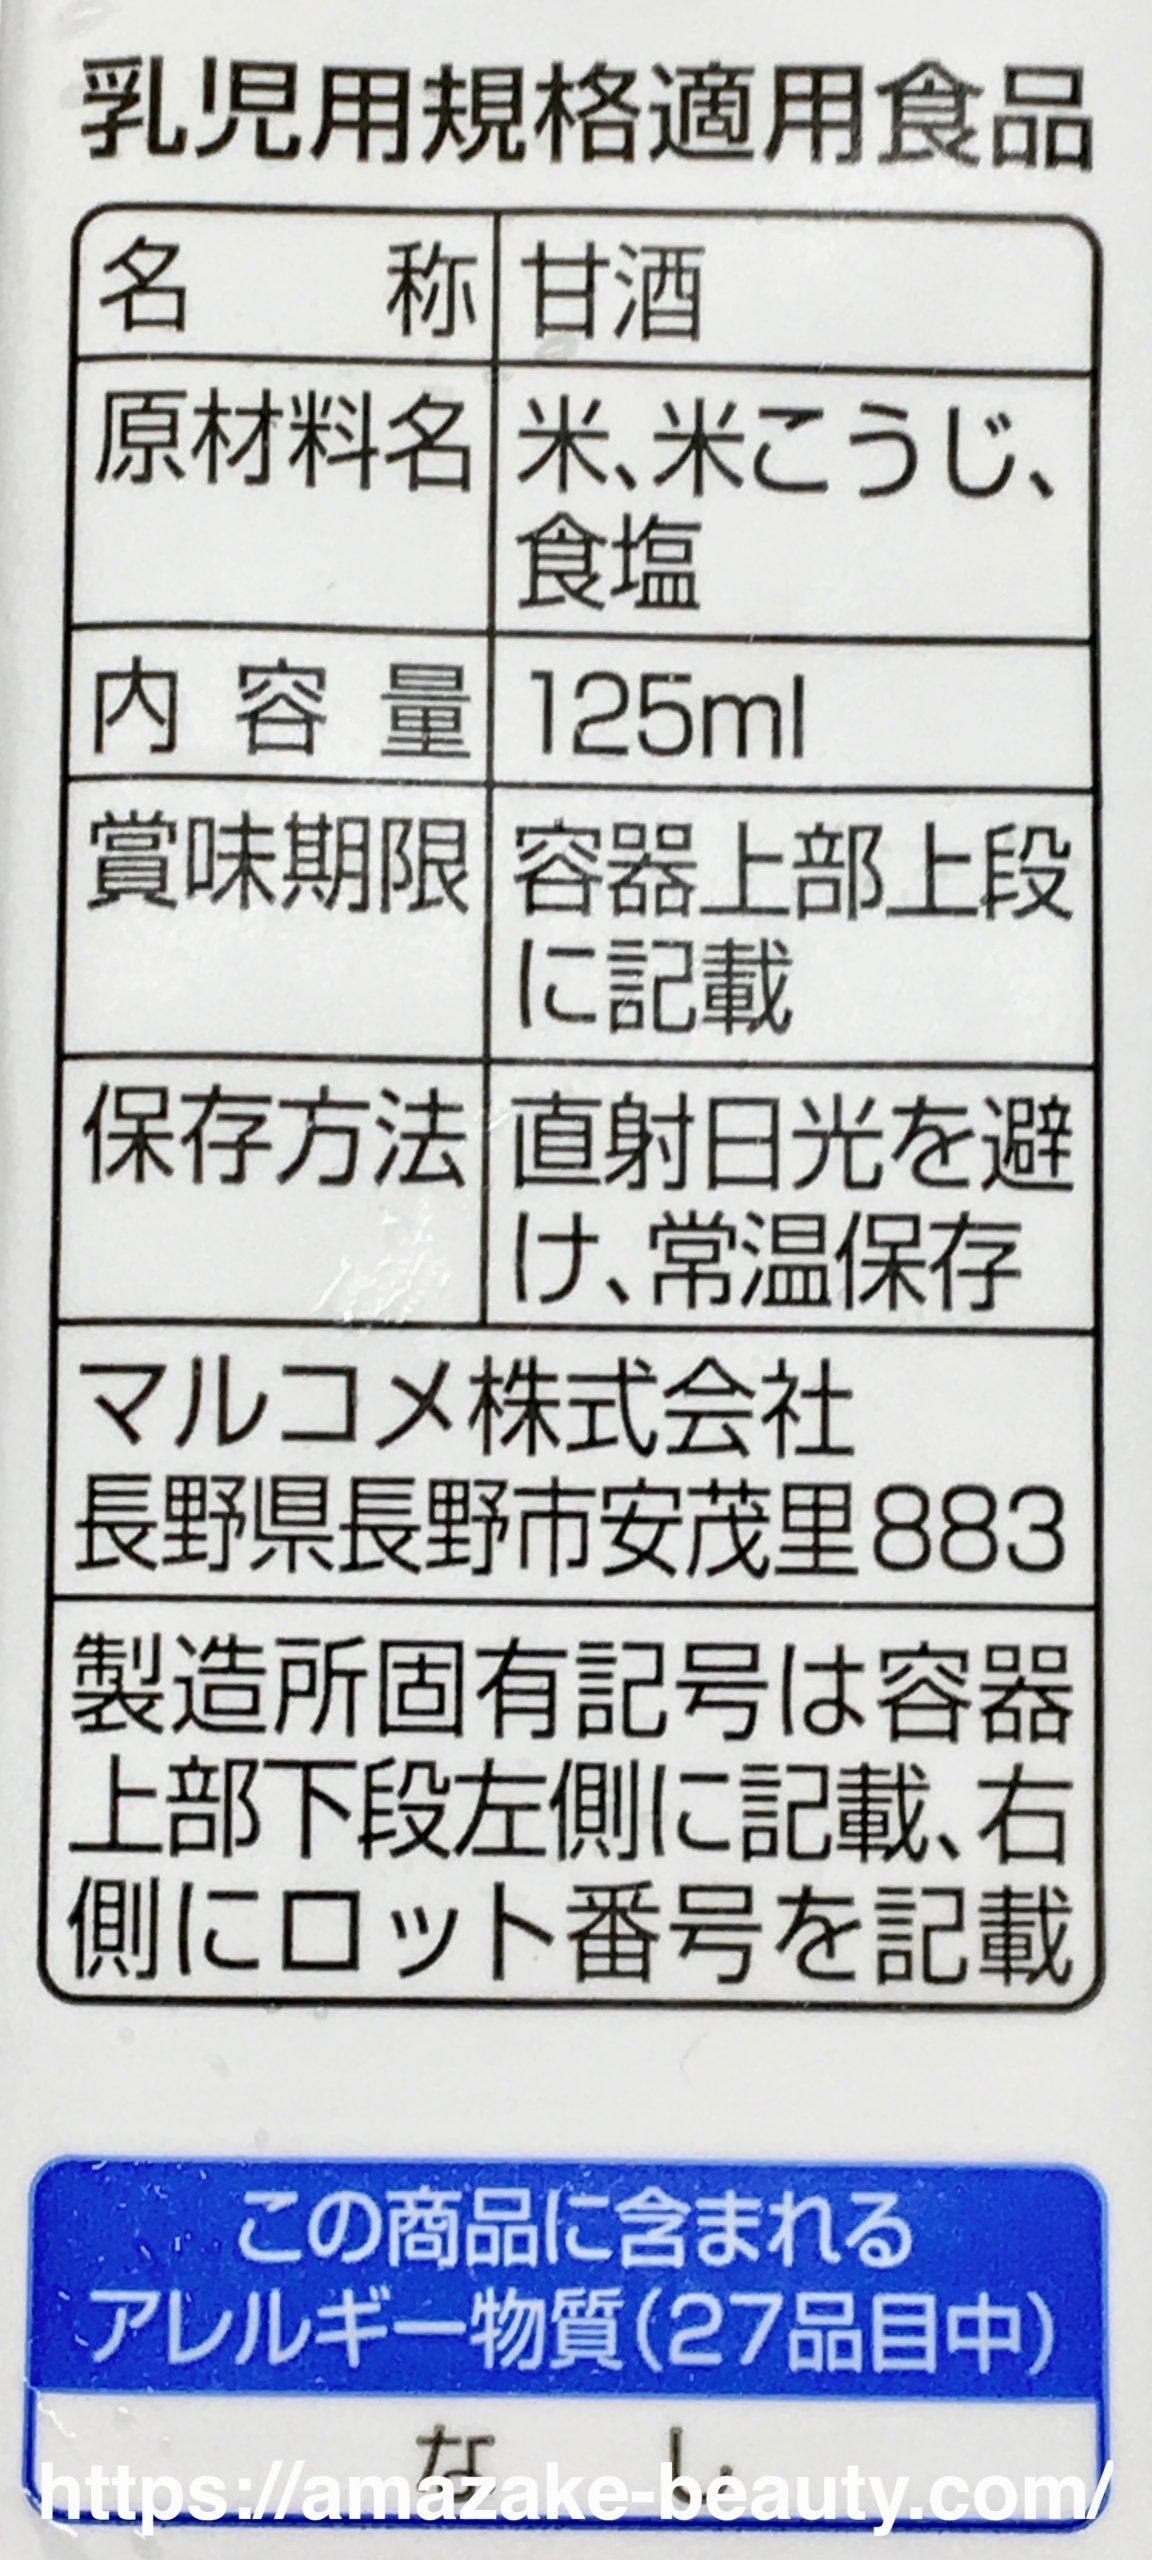 【甘酒】マルコメ『糀甘酒』(商品情報)